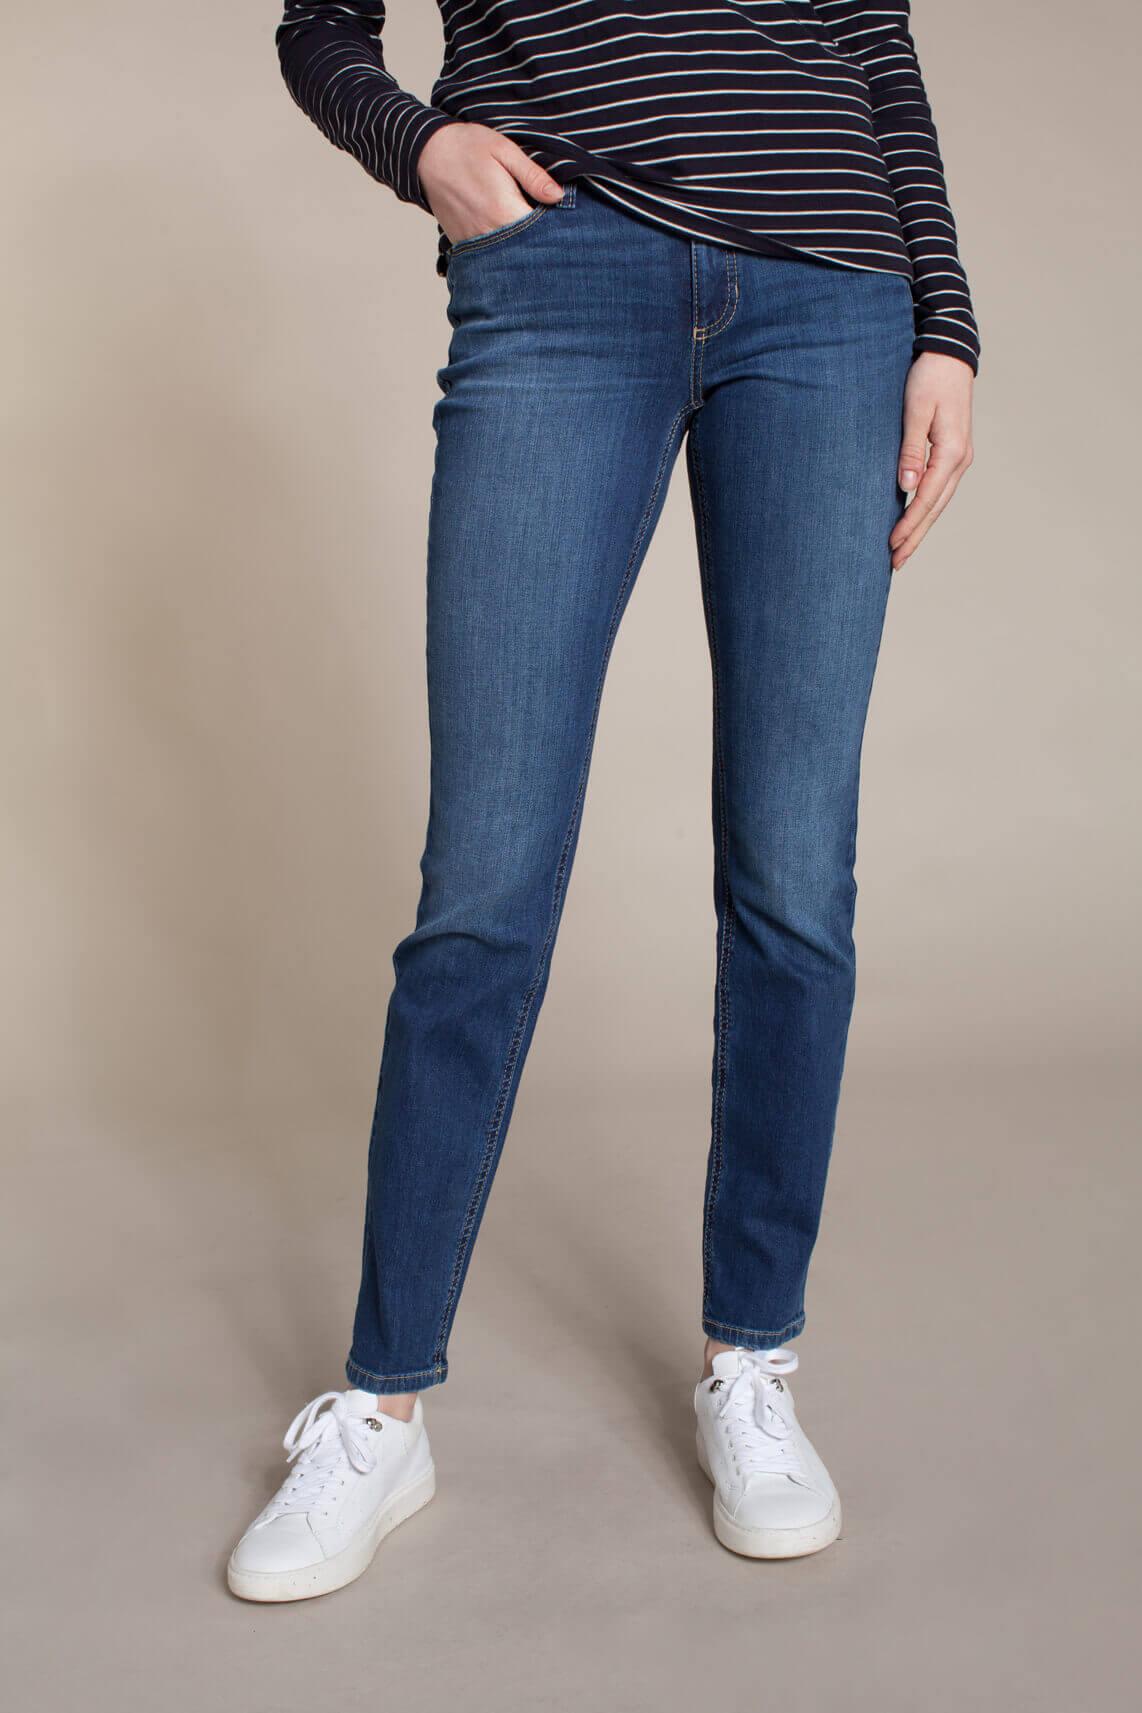 Cambio Dames Parla jeans Blauw